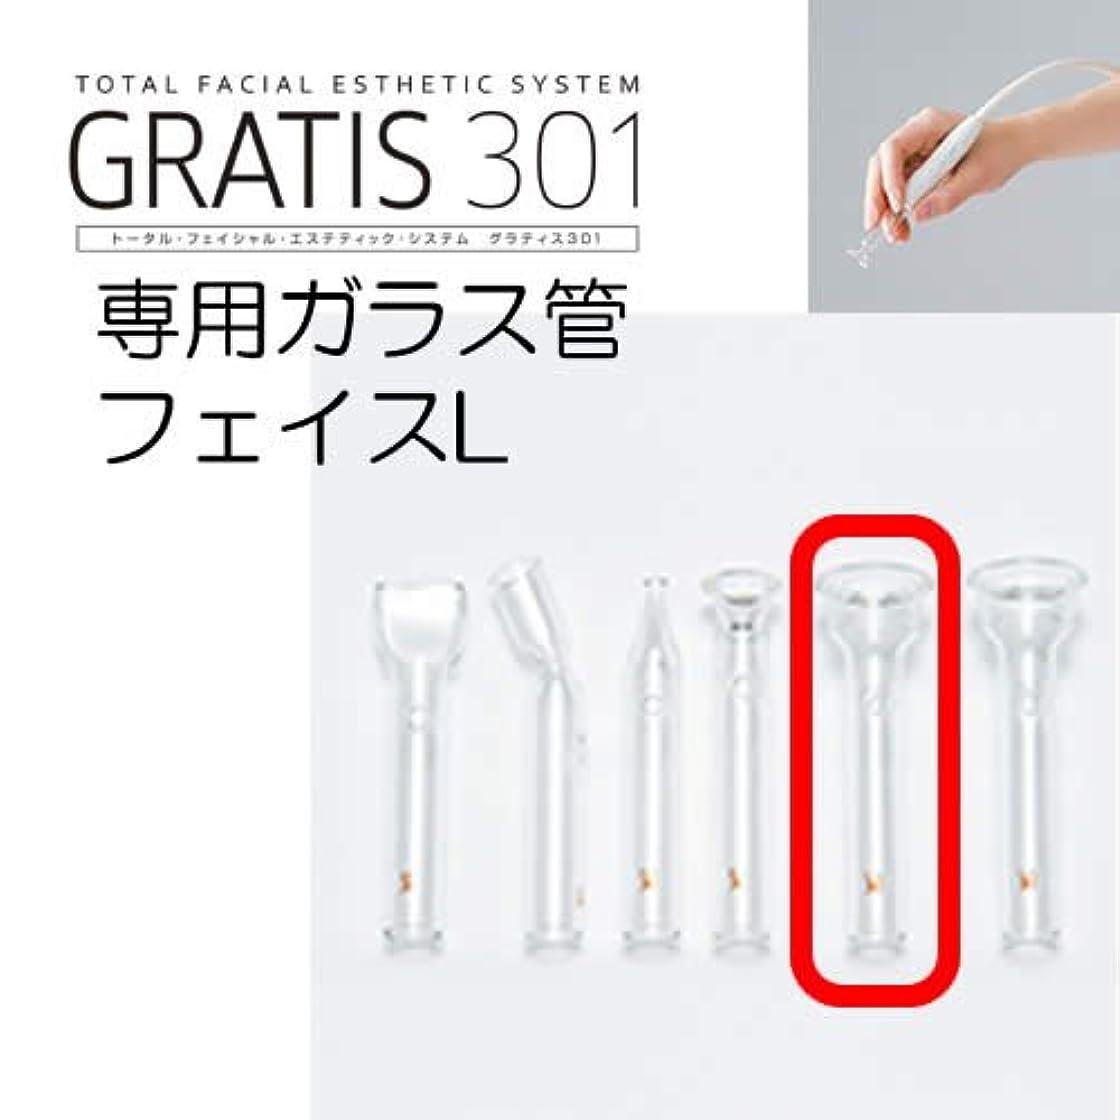 壮大根拠出血GRATIS 301(グラティス301)専用ガラス管 フェイスL(2本セット)